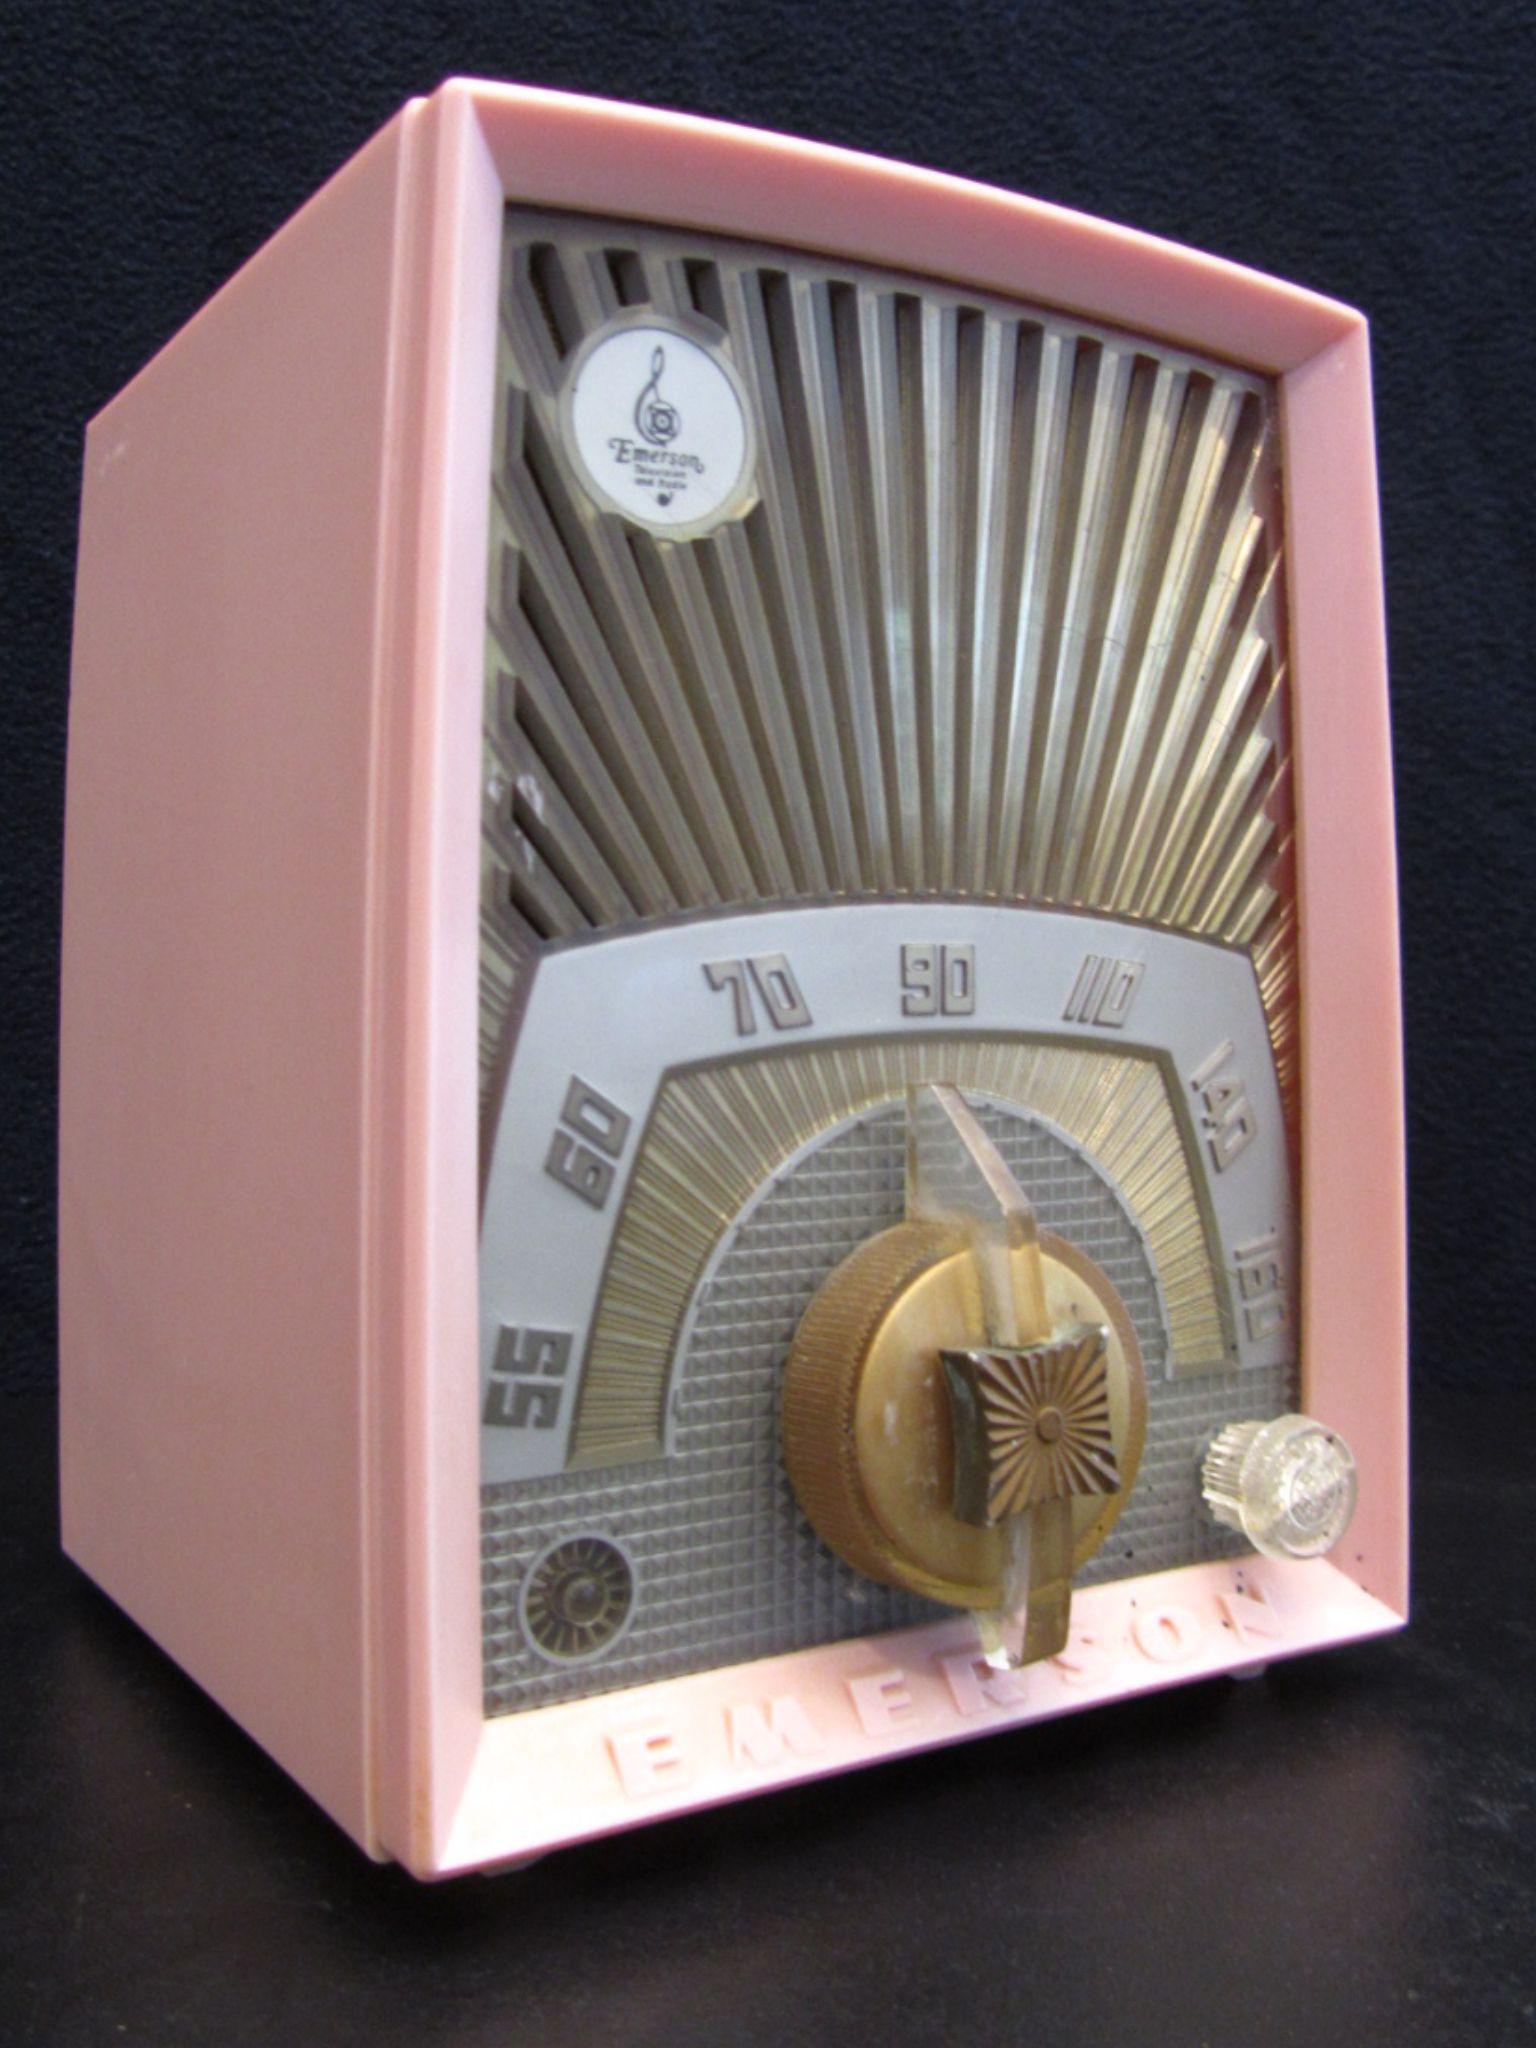 Emerson Sunburst Old Bakelite Tube Radio Vintage 1950s